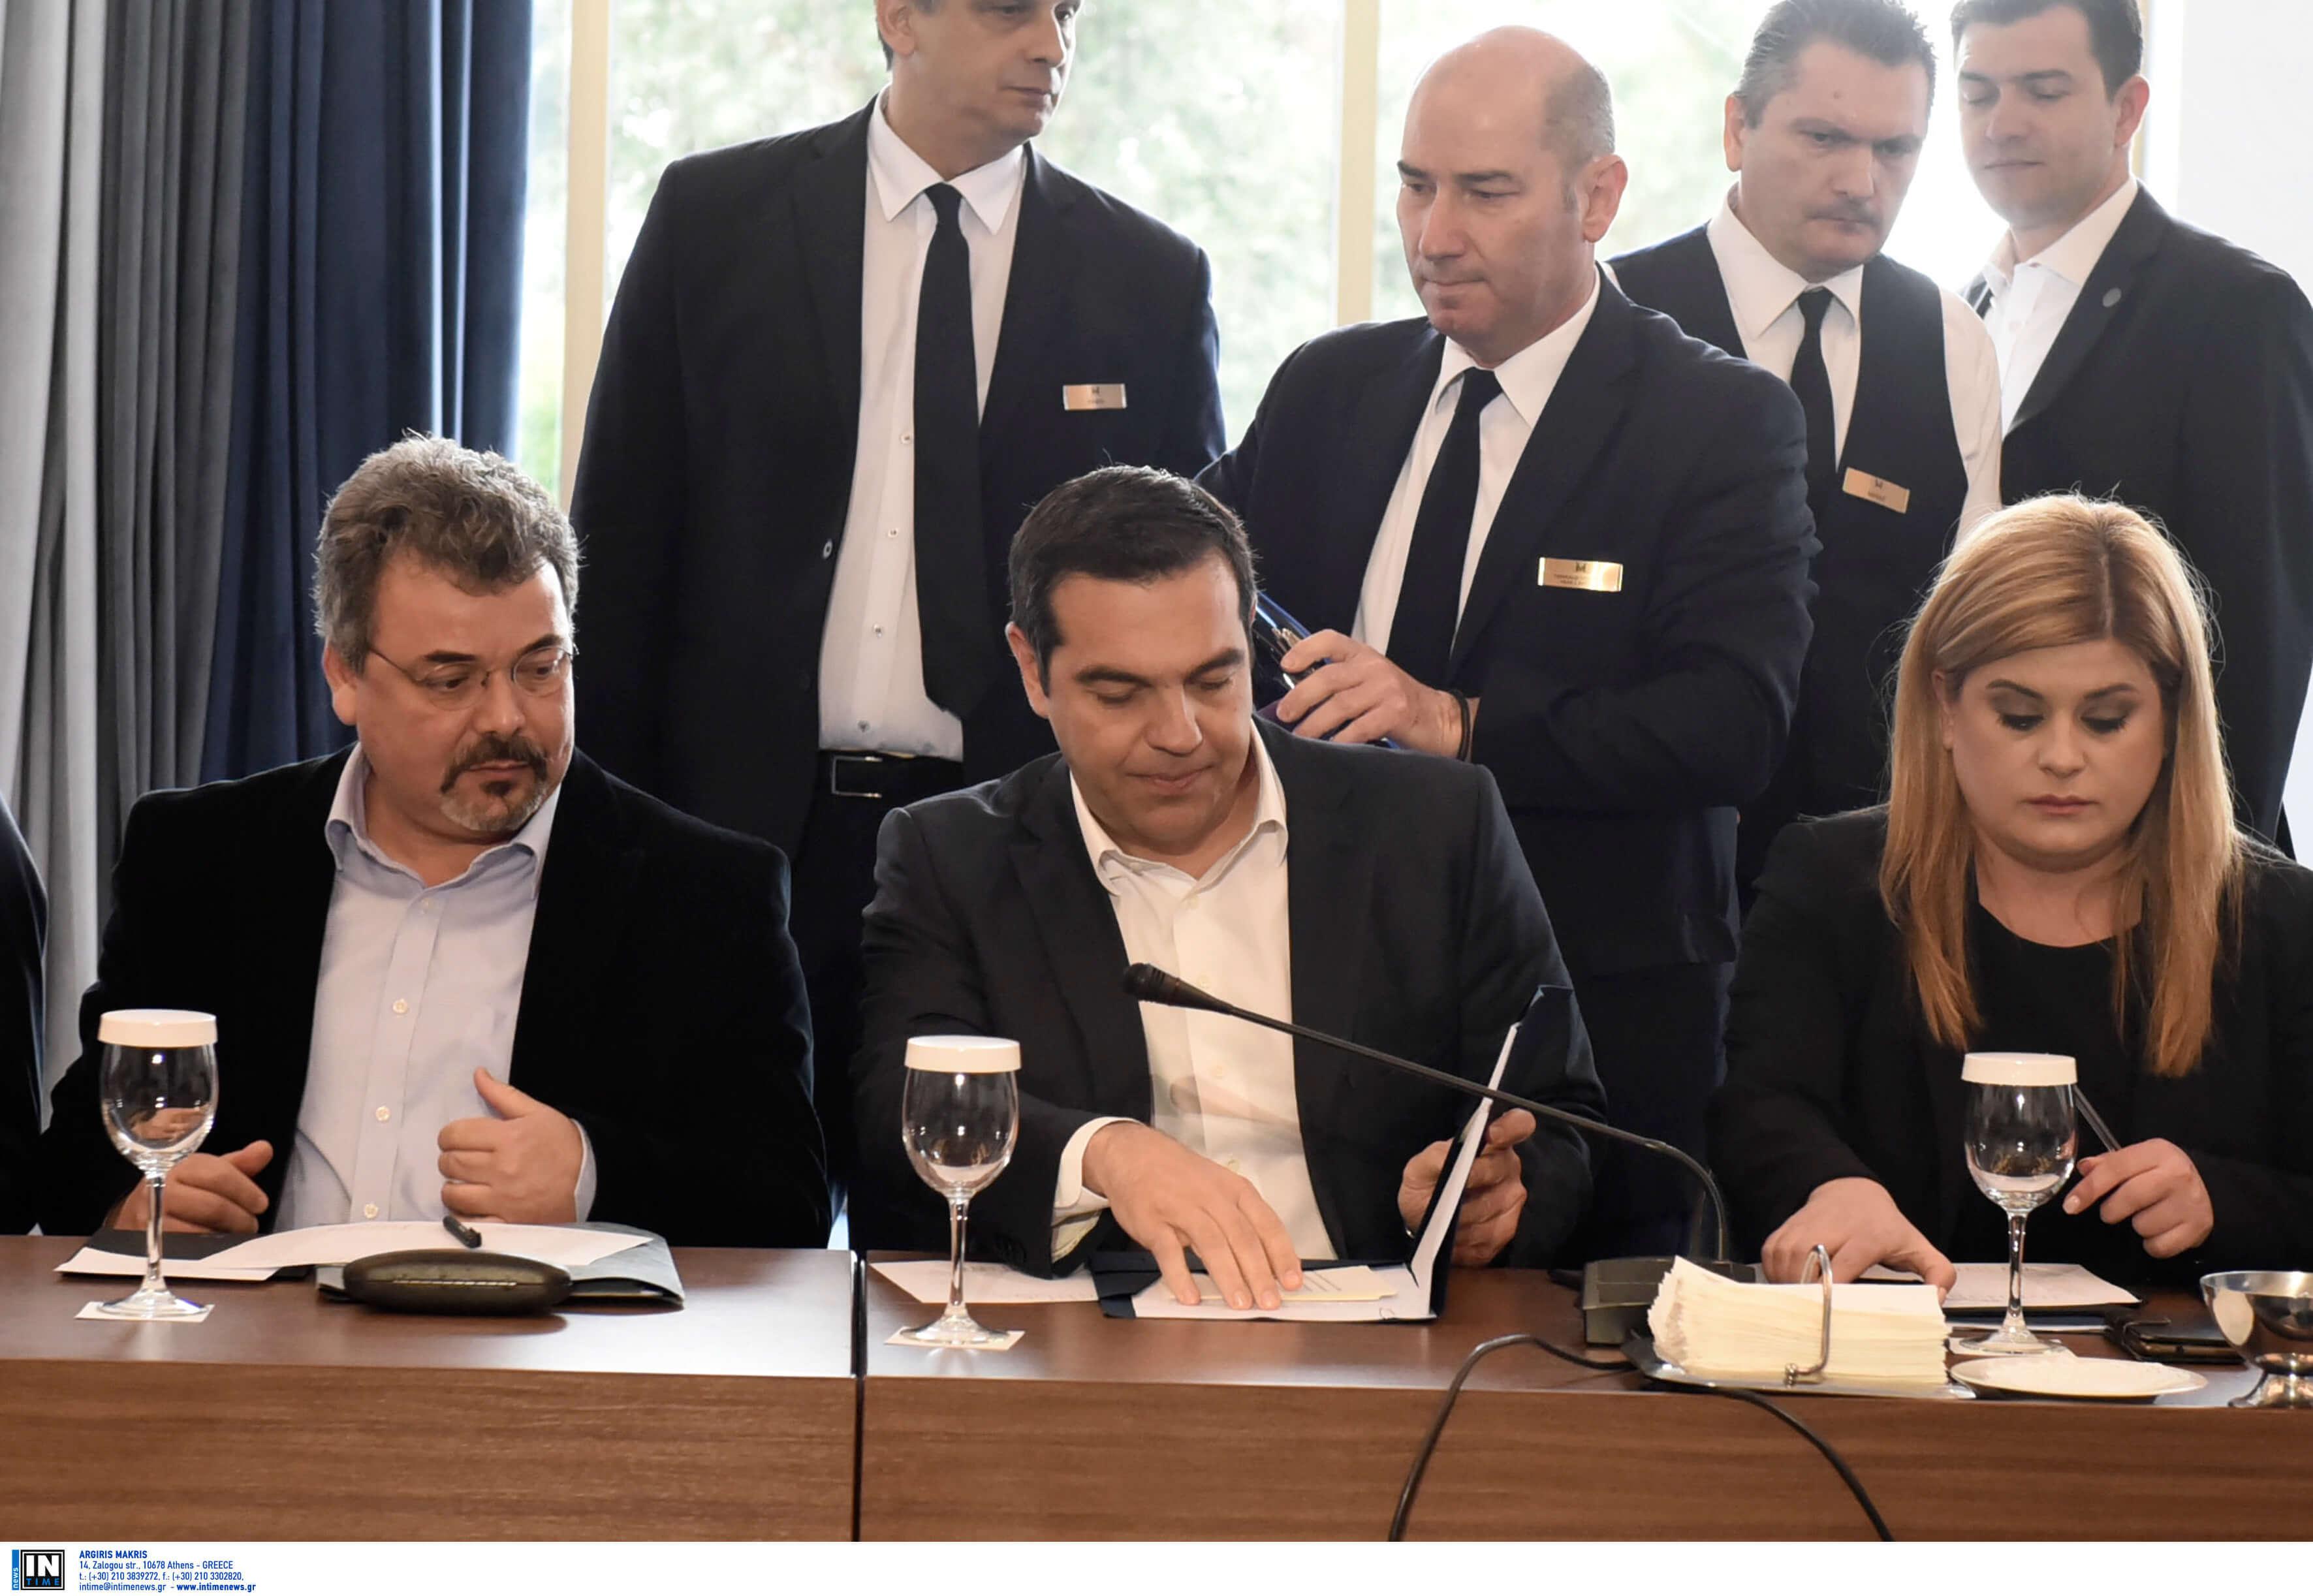 Τσίπρας στην Θεσσαλονίκη: Παράπονα για τα «Μακεδονικά κρασιά» και γκρίνια από επιχειρηματίες